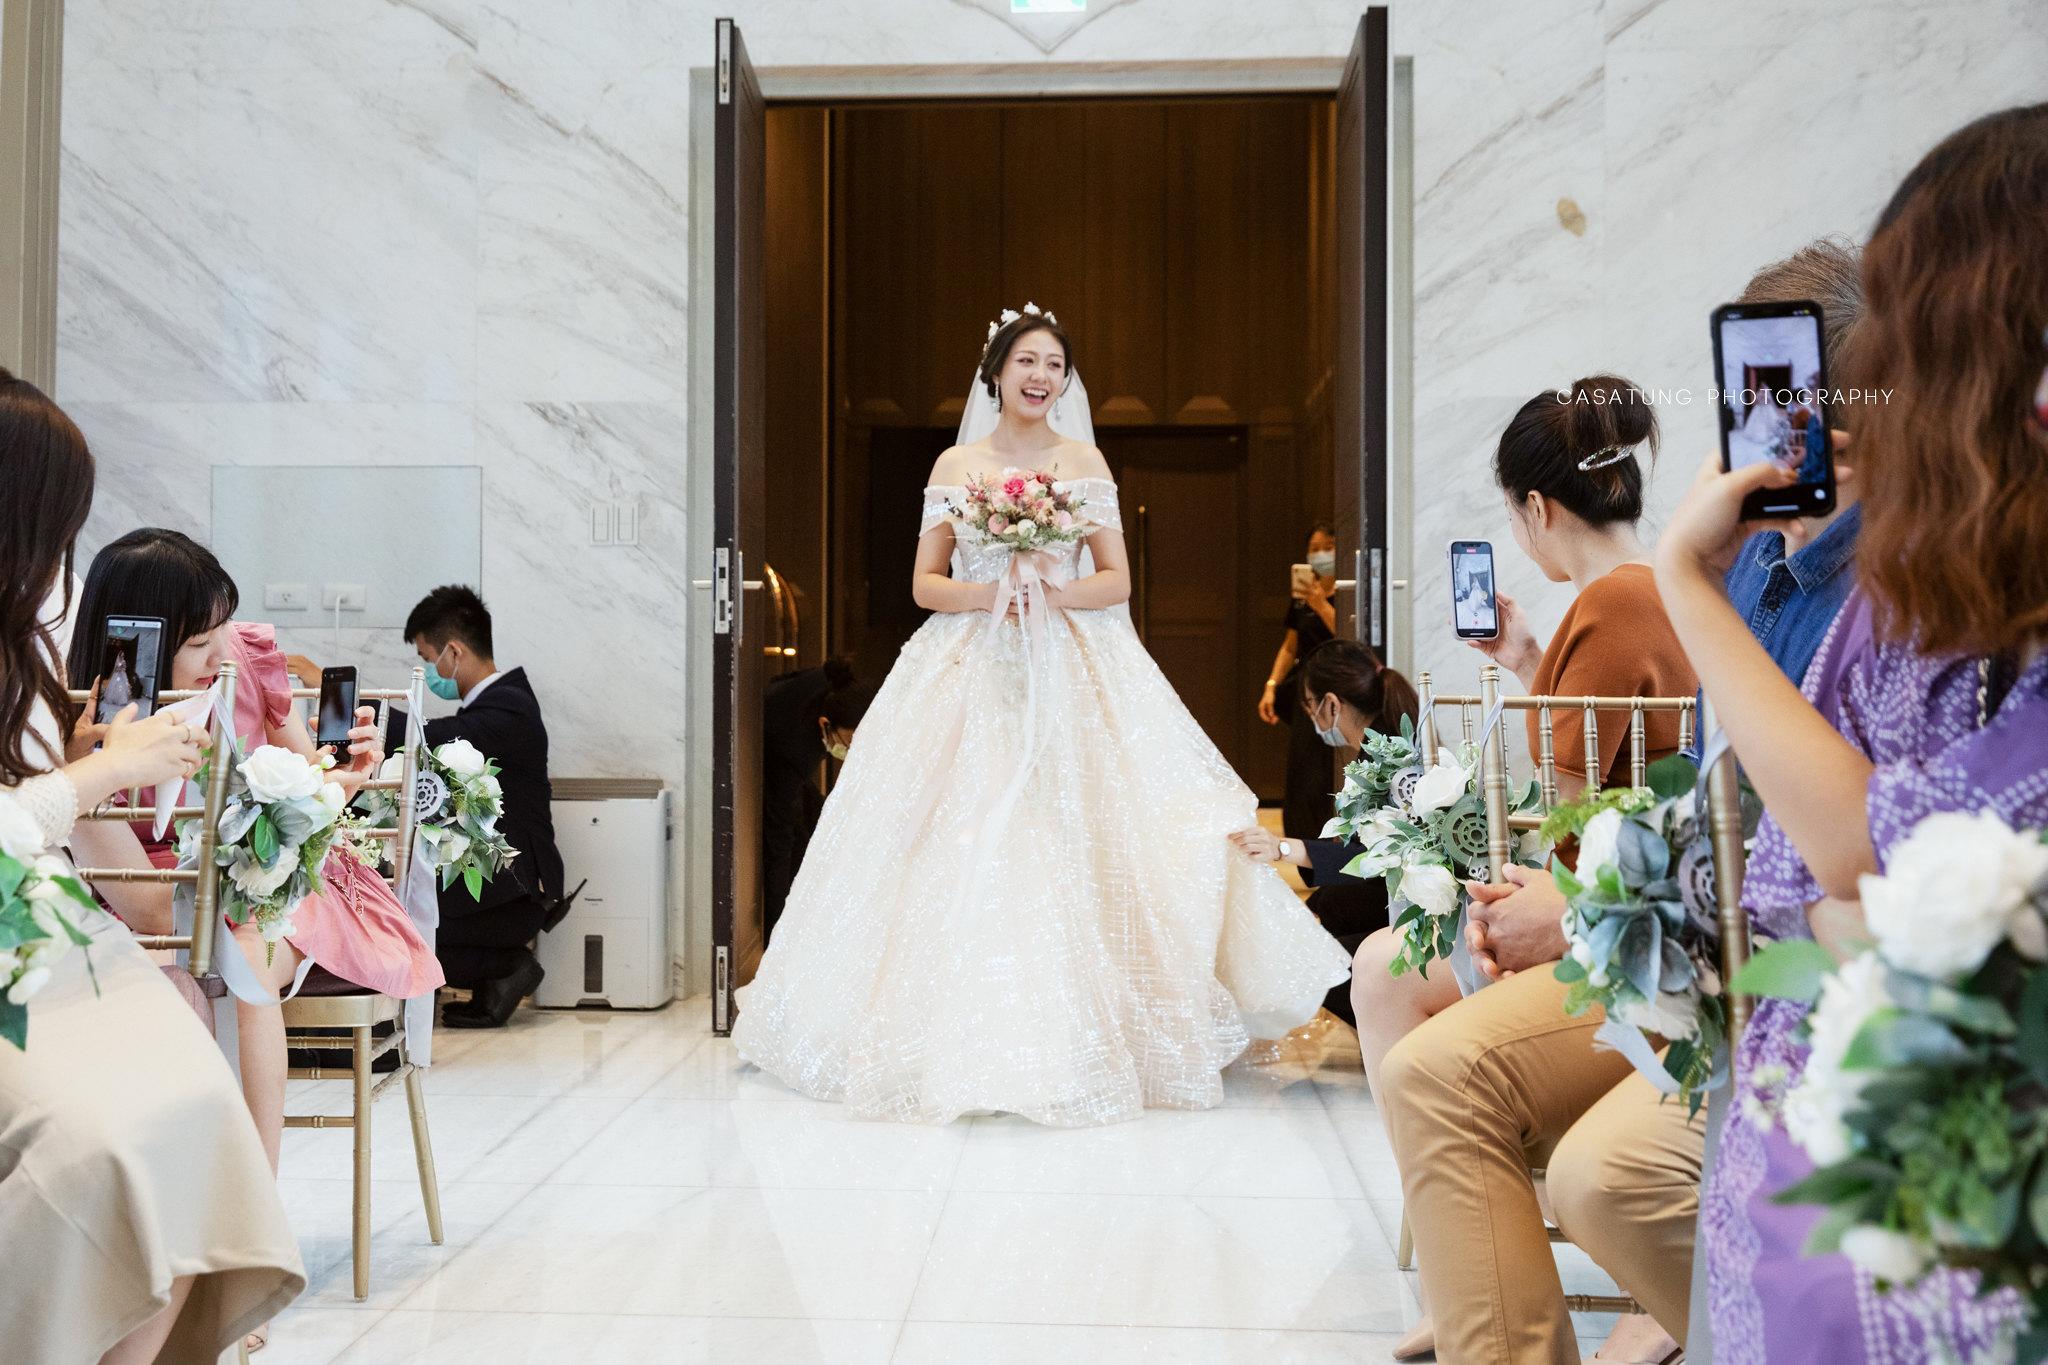 戶外婚禮, 手工婚紗, 台中婚攝, 自助婚紗, 婚紗工作室, 婚紗推薦旋轉木馬, 婚攝推廷, 婚攝CASA, 推薦婚攝, 旋轉木馬婚紗, 萊特維庭婚禮, 禮服出租, lightweeding,萊特薇庭婚攝-28